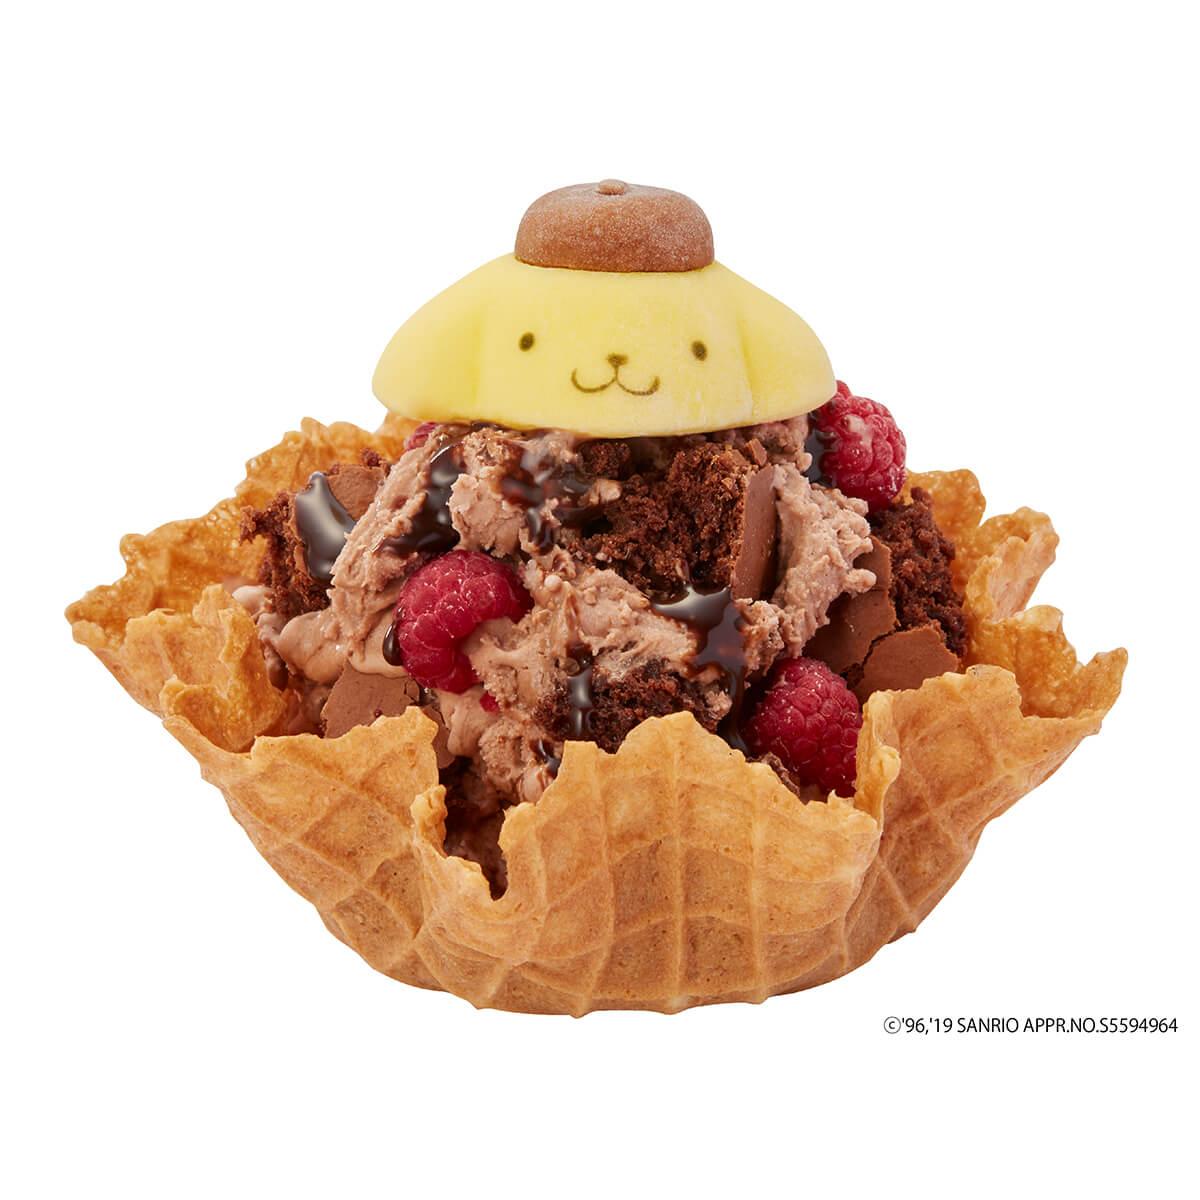 2. ポムポムプリンのチョコレートヤミーベリー帽